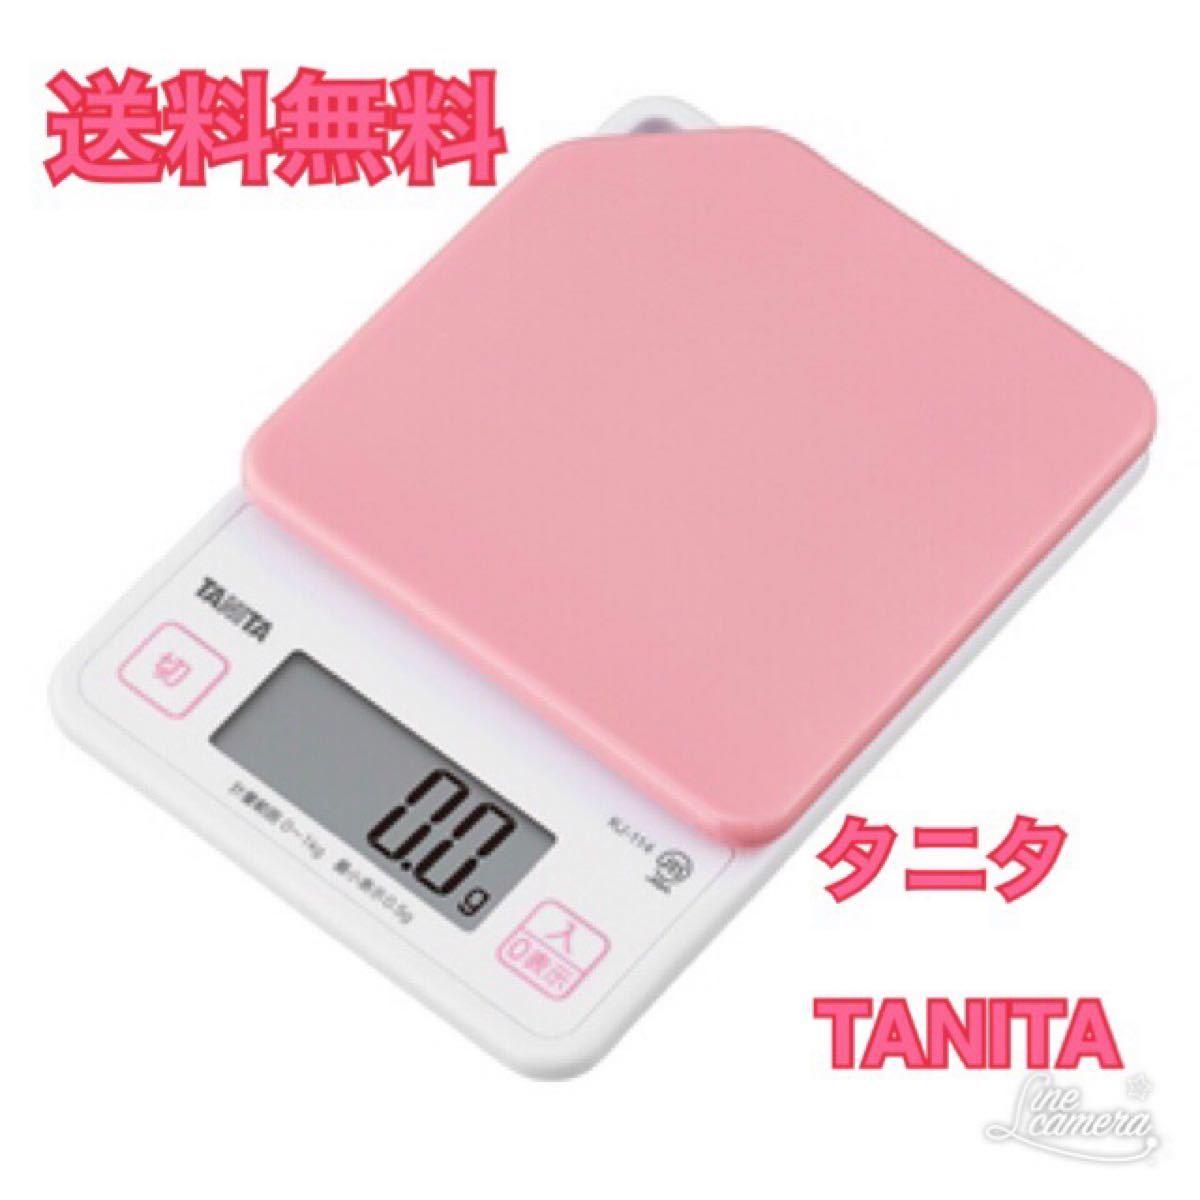 【新品】タニタ  キッチンスケール クッキングスケール デジタルスケール 電子秤